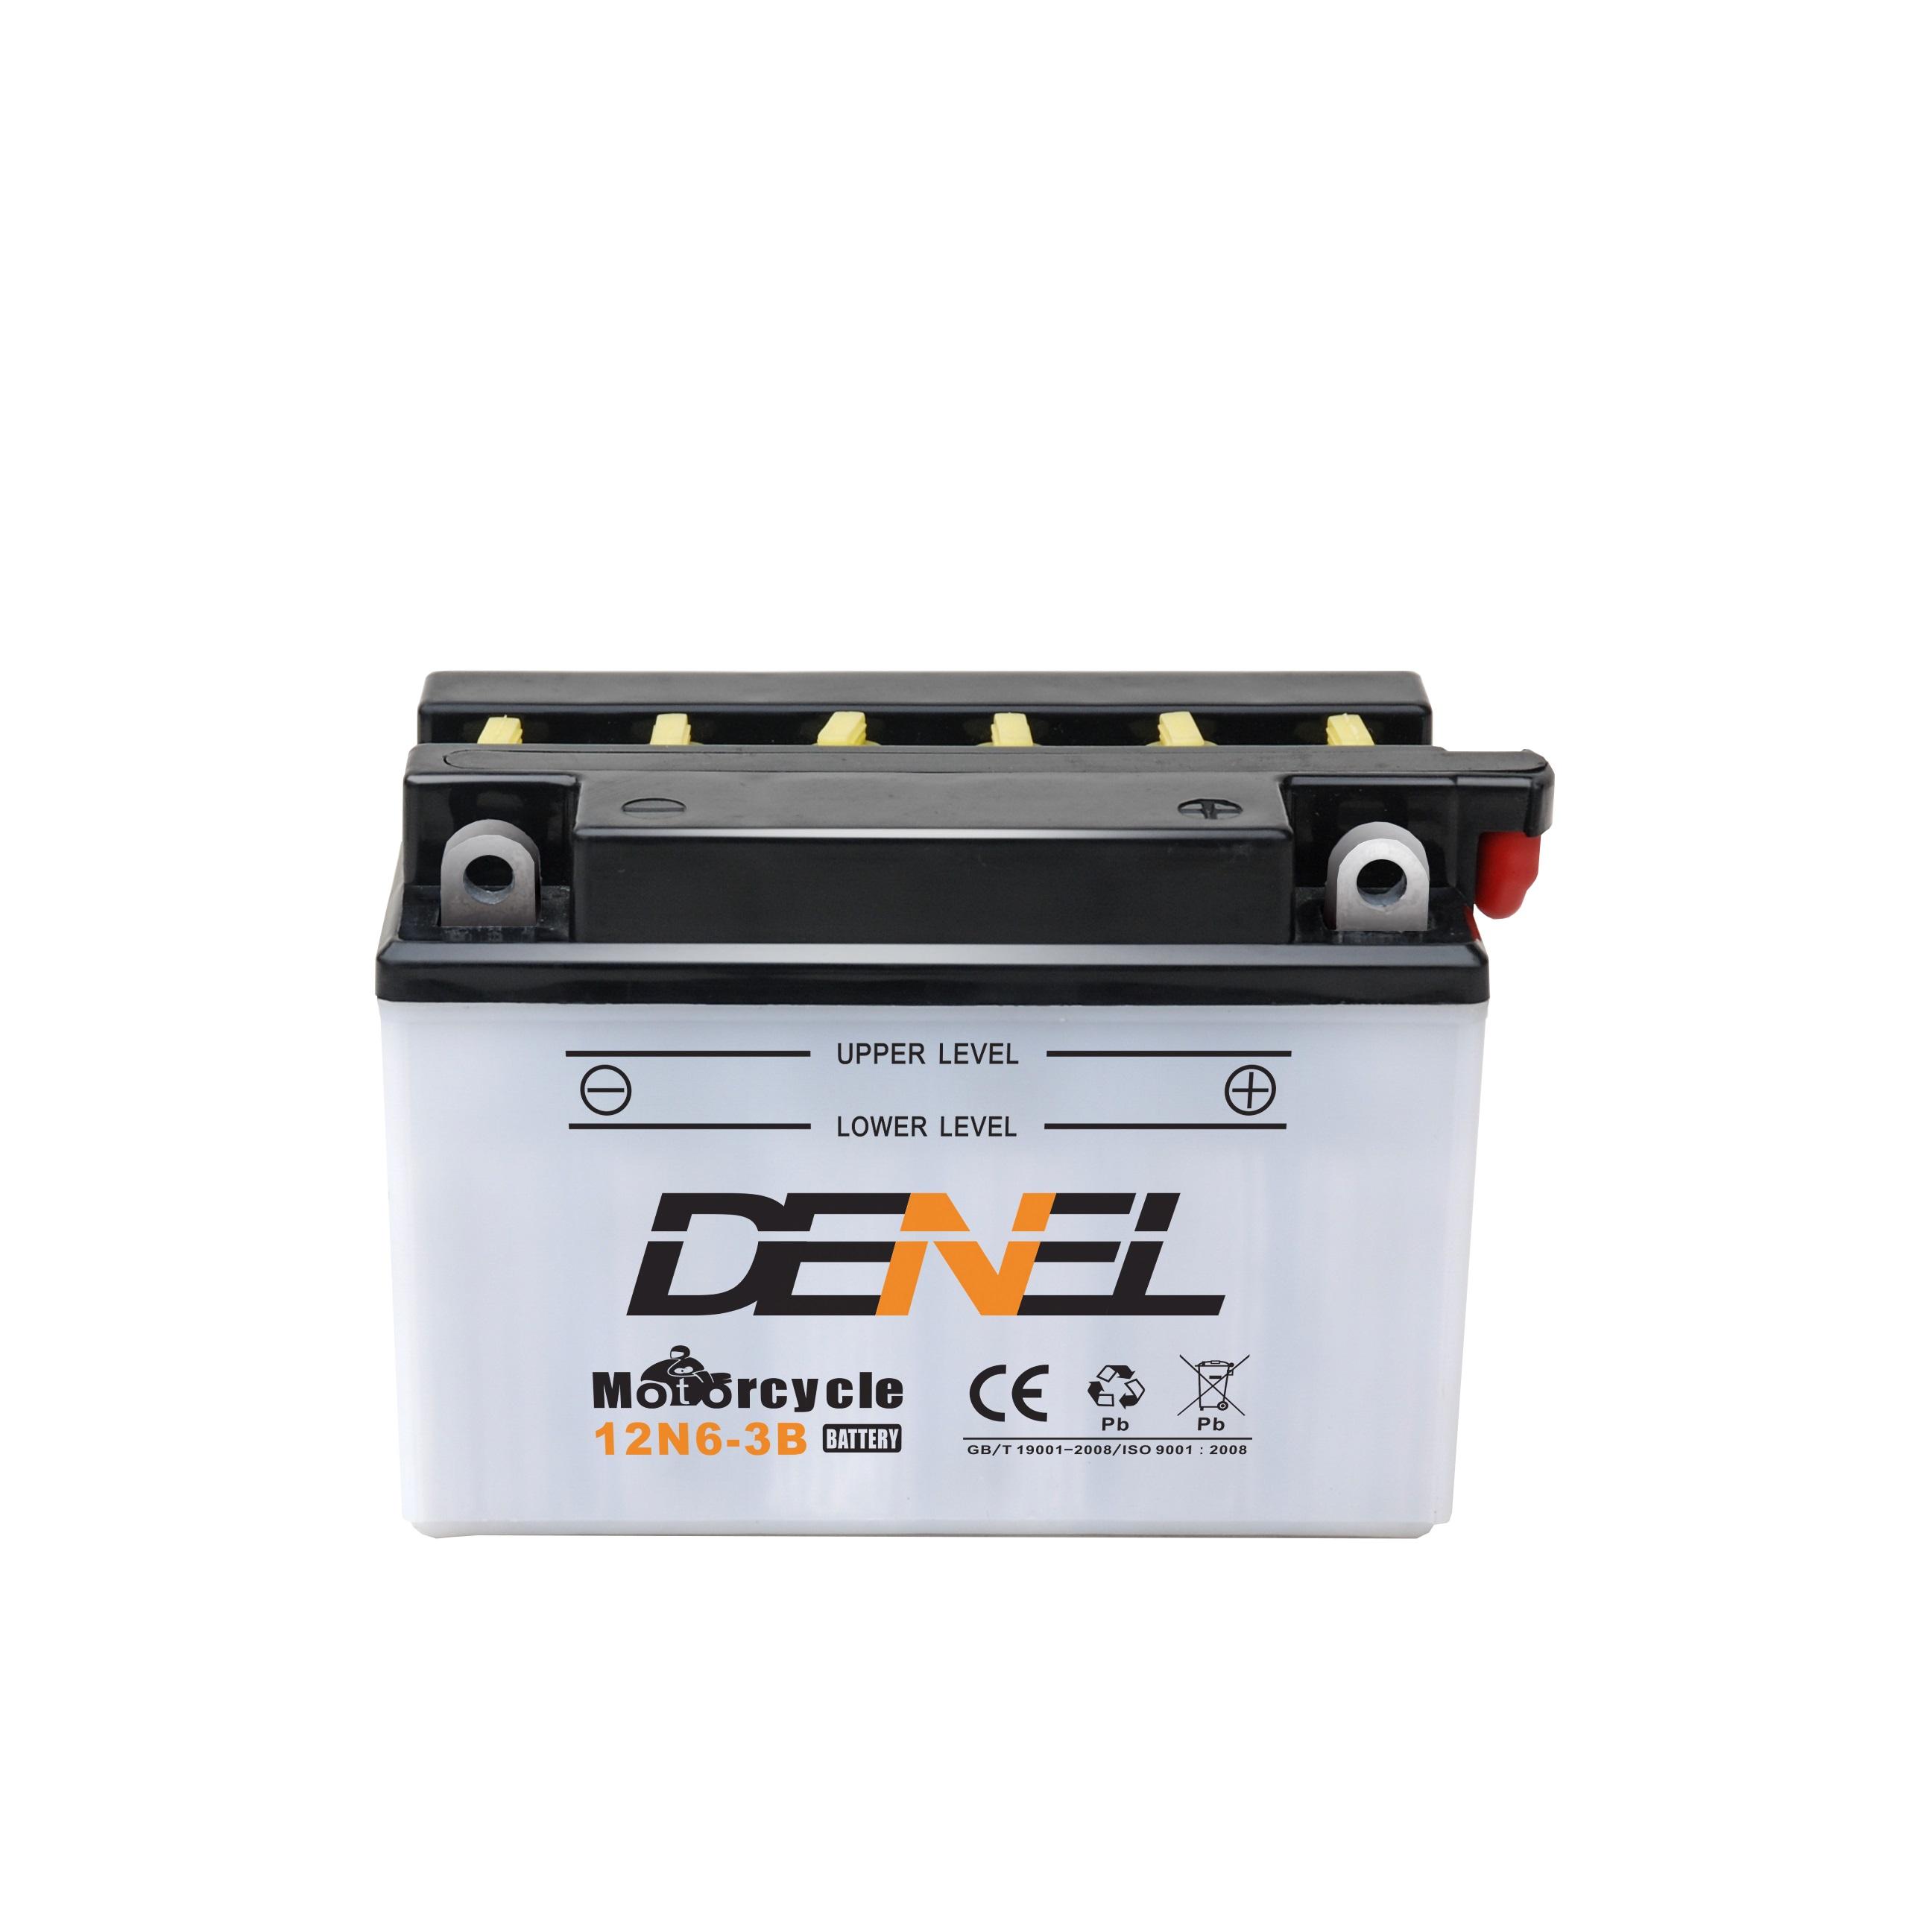 12N6-3B lead acid battery 12N6-3B motorcycle battery